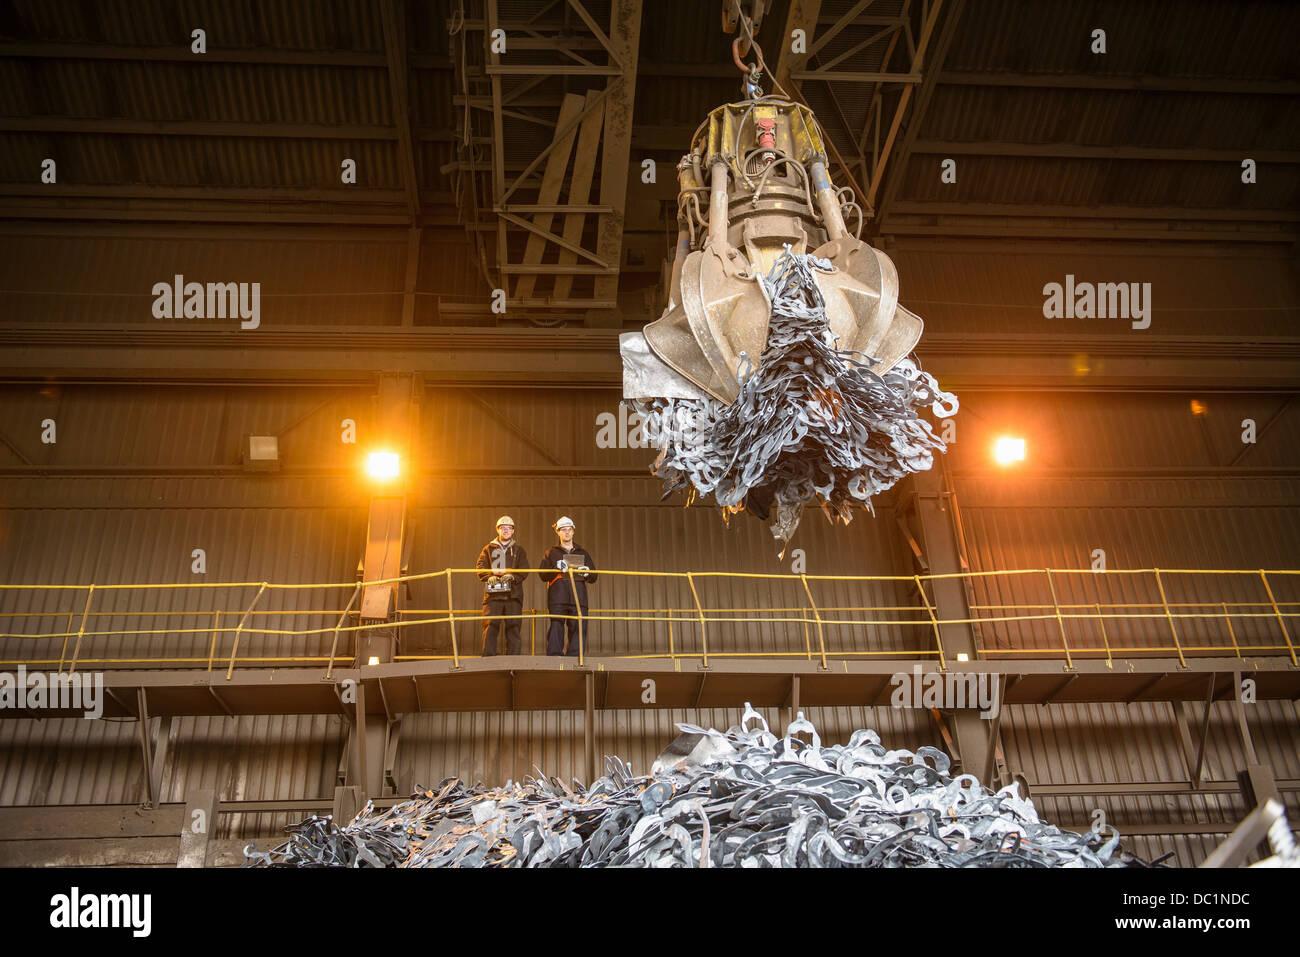 Les travailleurs de l'acier mécanique regarder grabber in steel foundry Banque D'Images